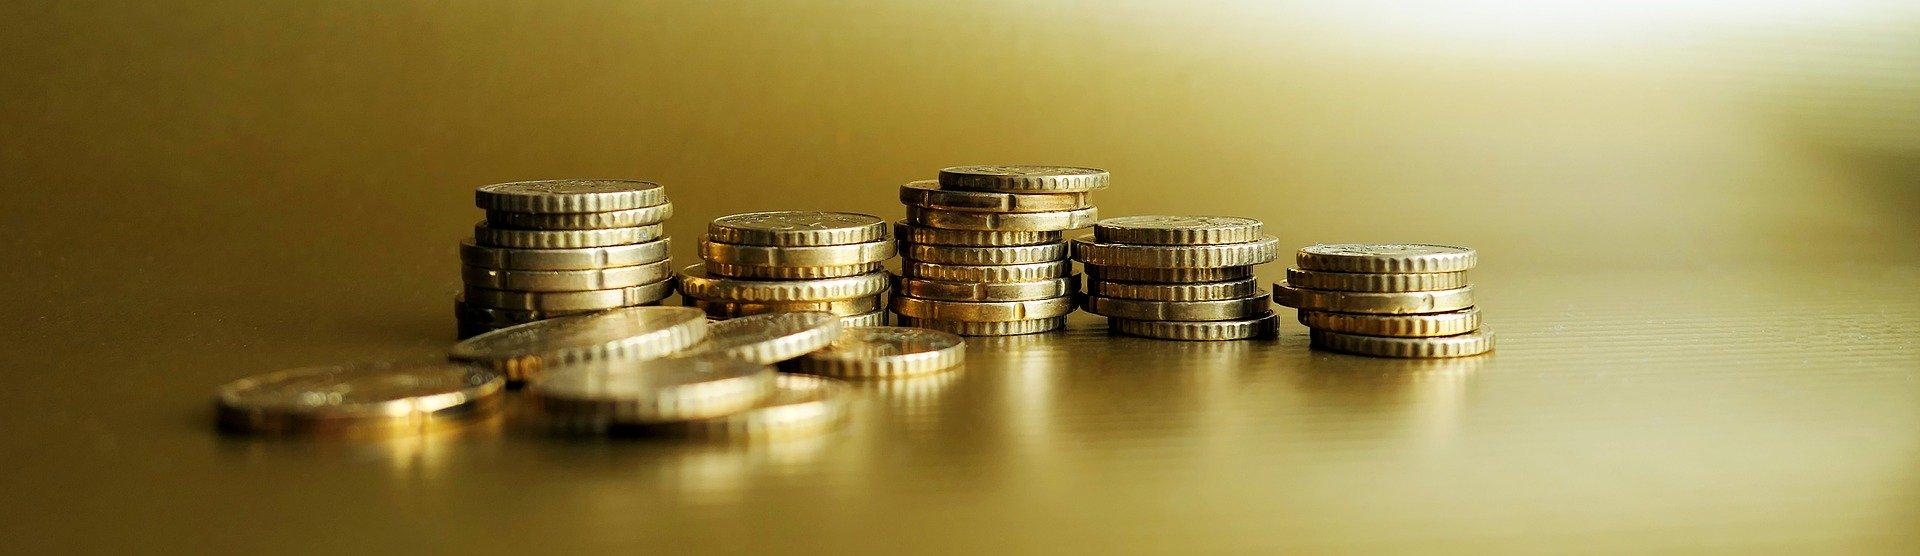 Besparen kosten scheiding